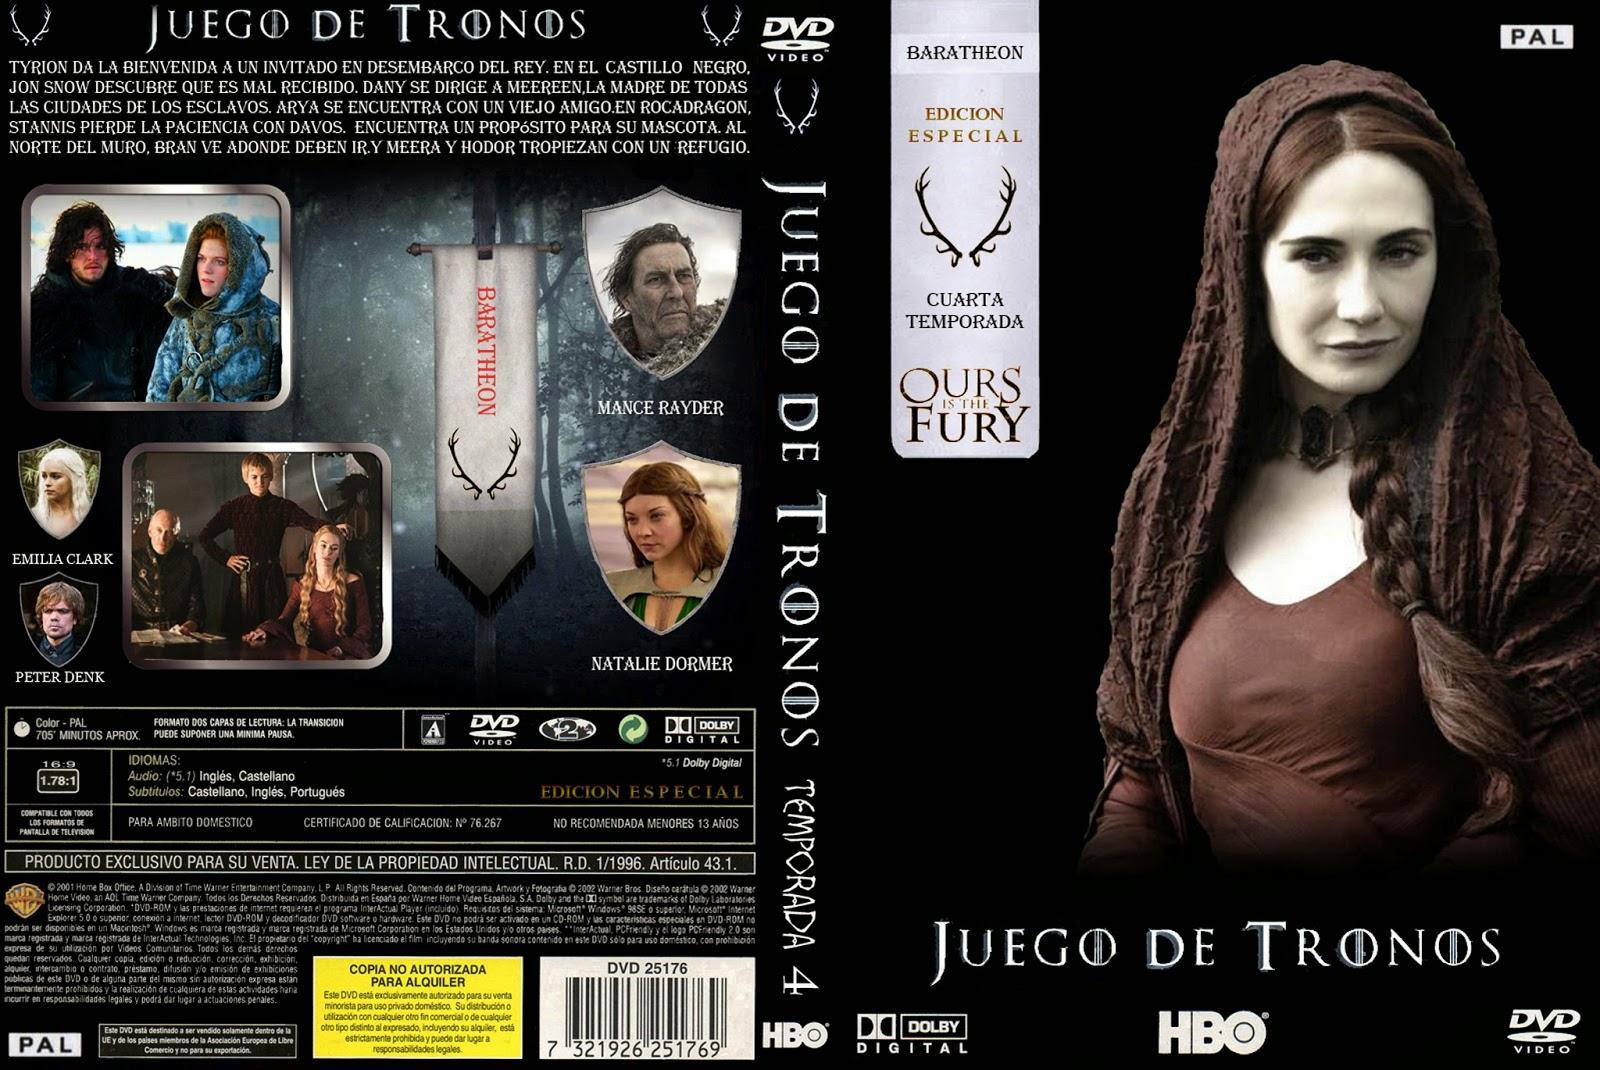 Juego tronos temporada 4 - Funda nordica disney